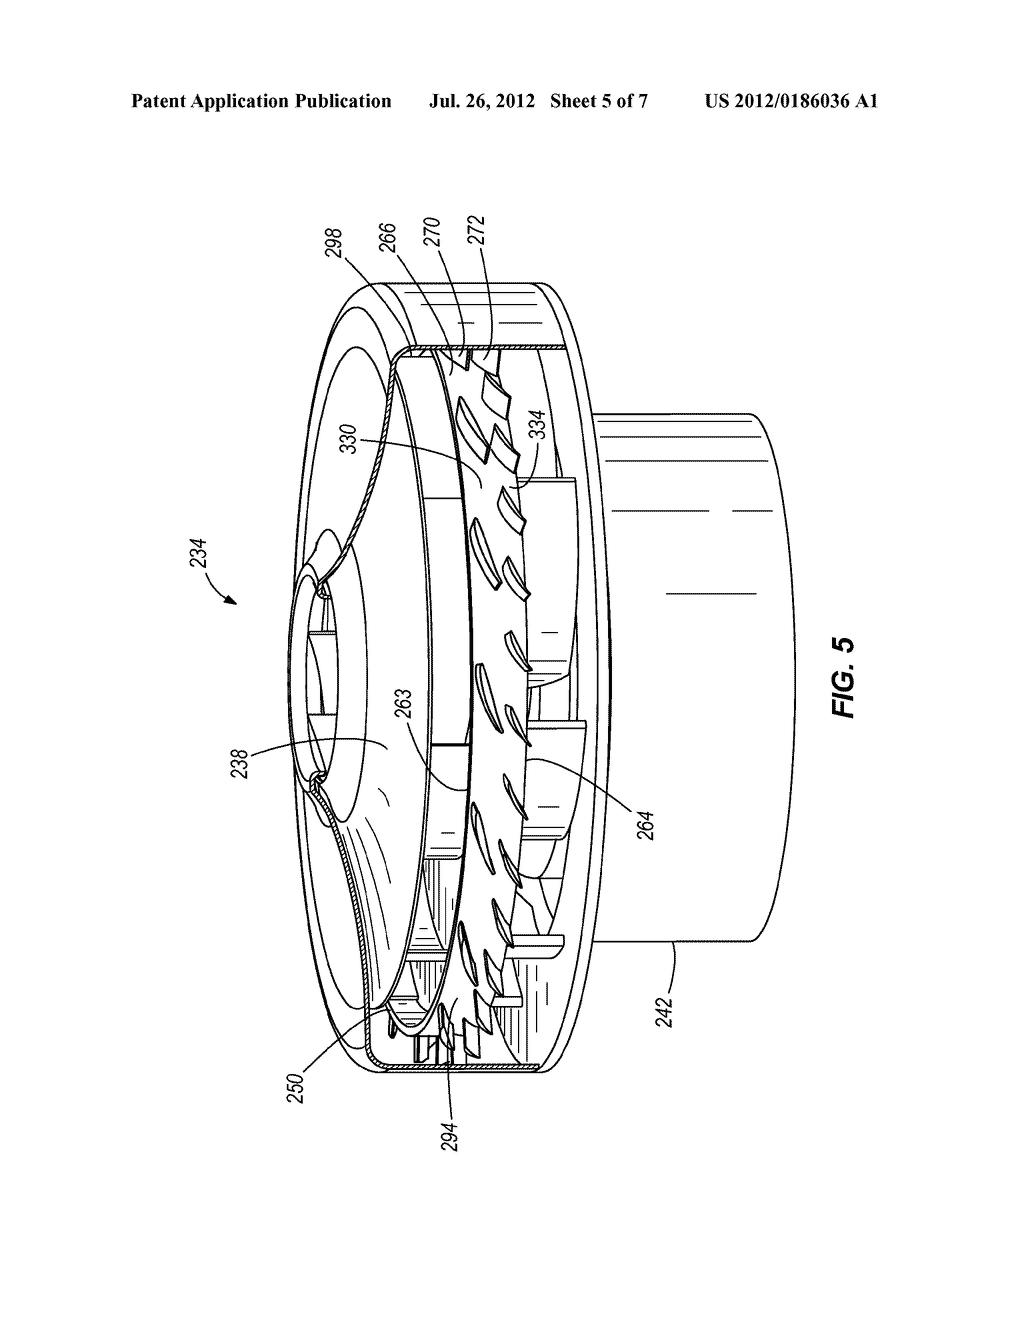 rexair wiring diagram wiring diagram rh e29 muellerbau ib de